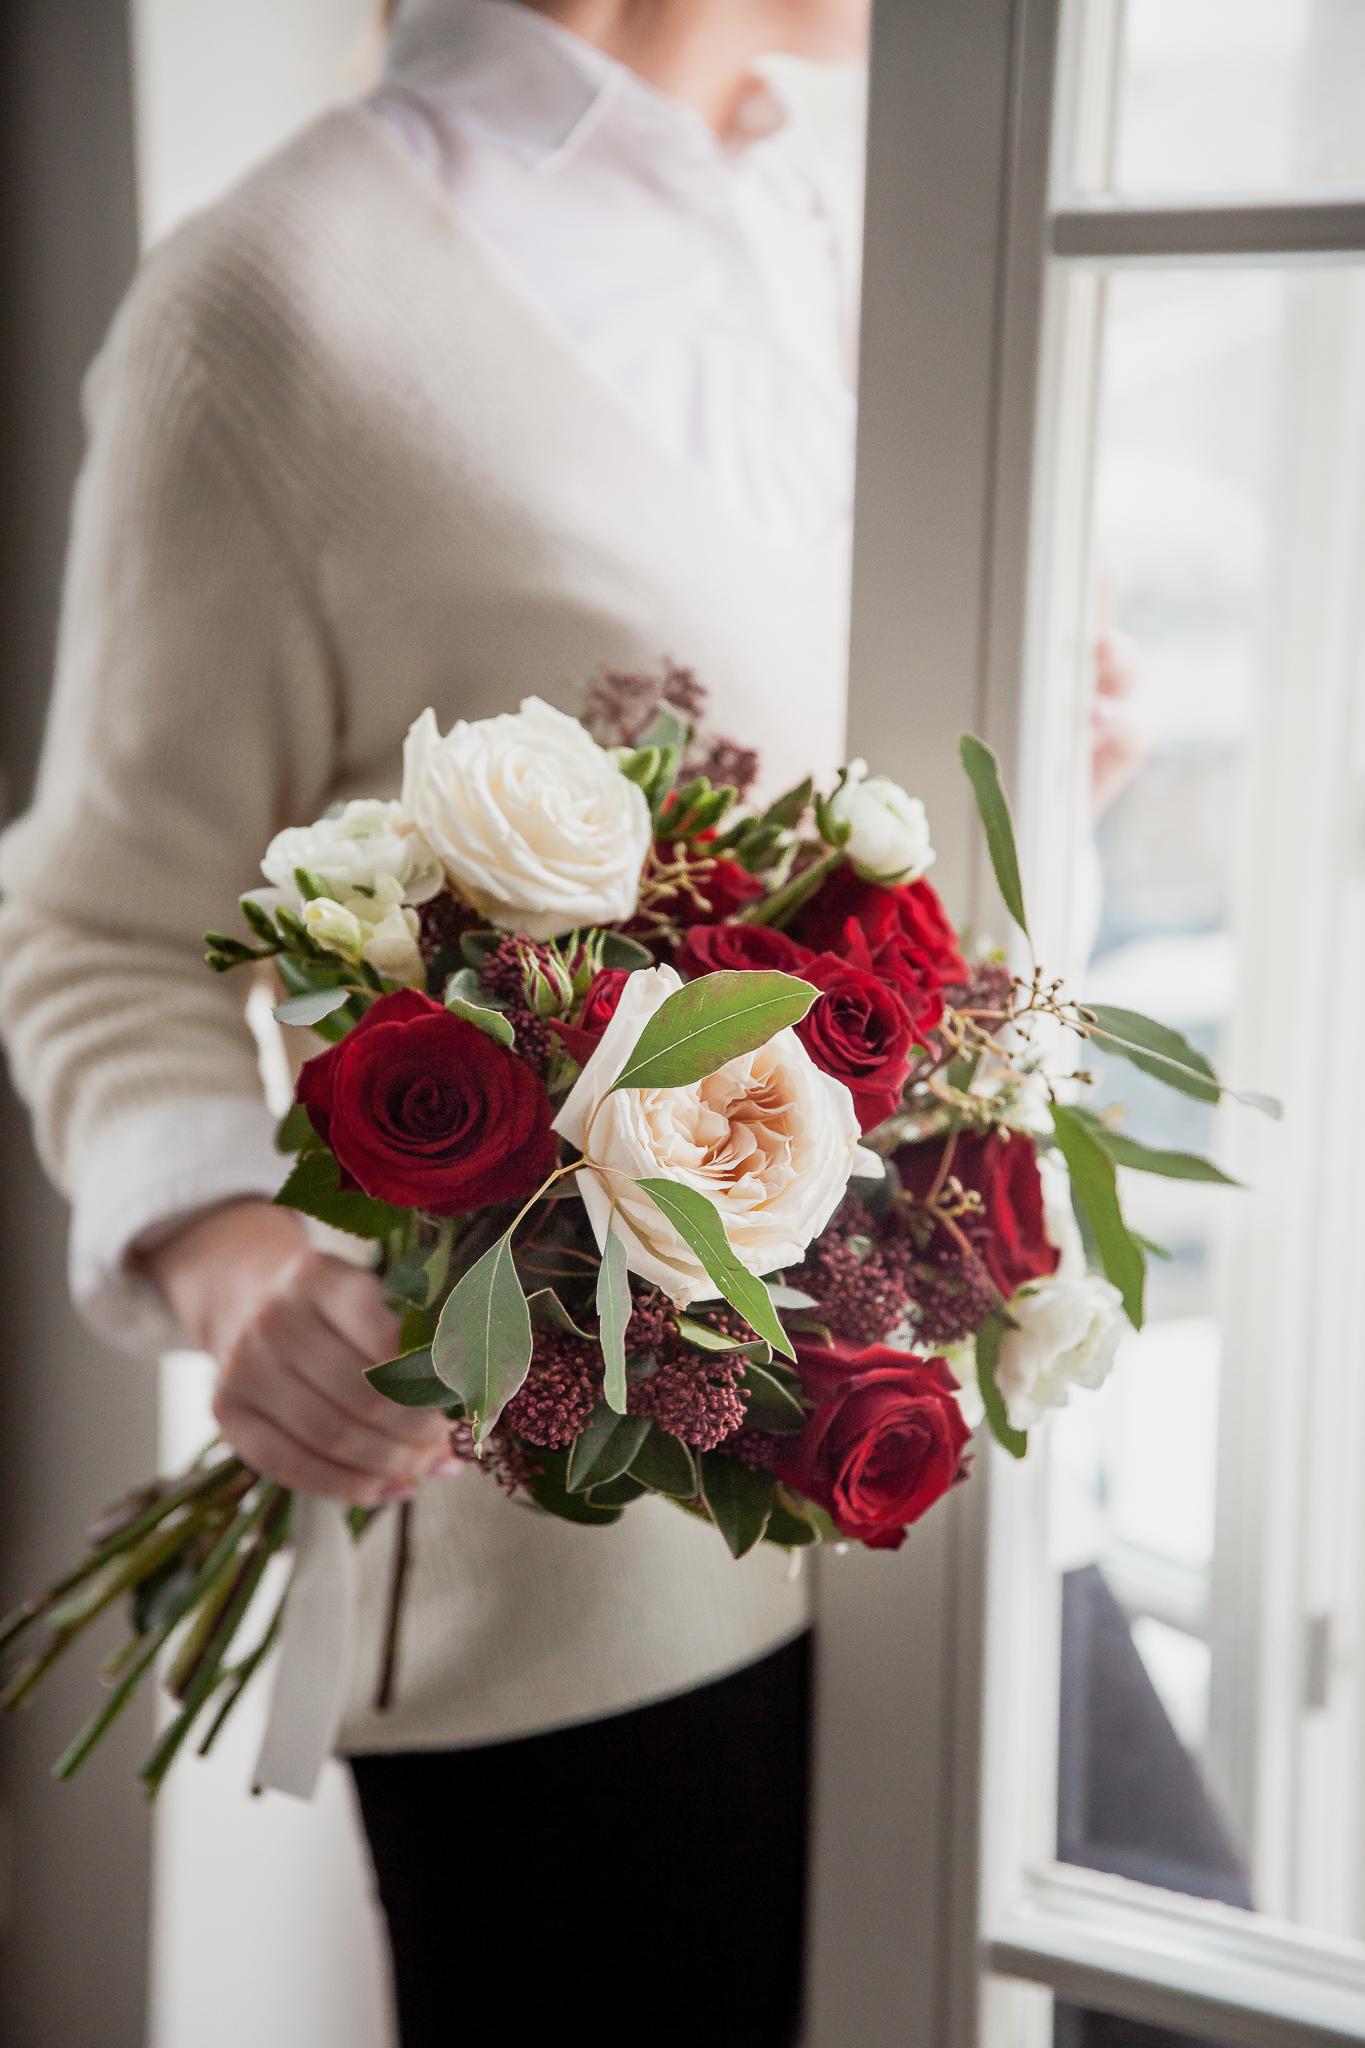 Įvairių baltų ir raudonų gėlių puokštė